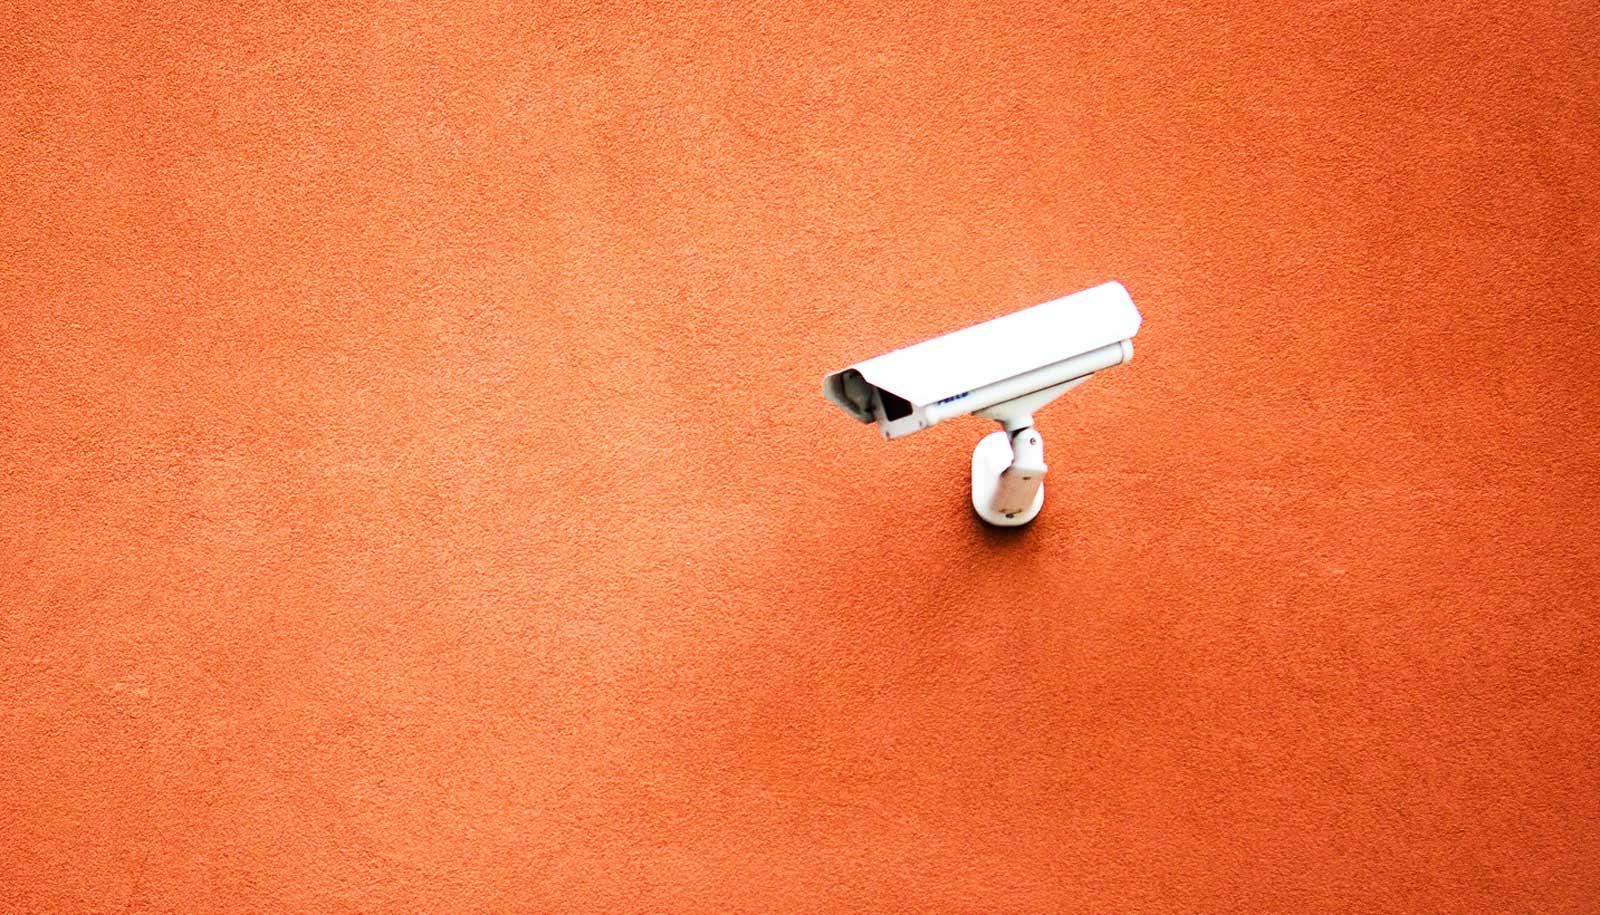 Nursing home cameras pose ethics dilemma